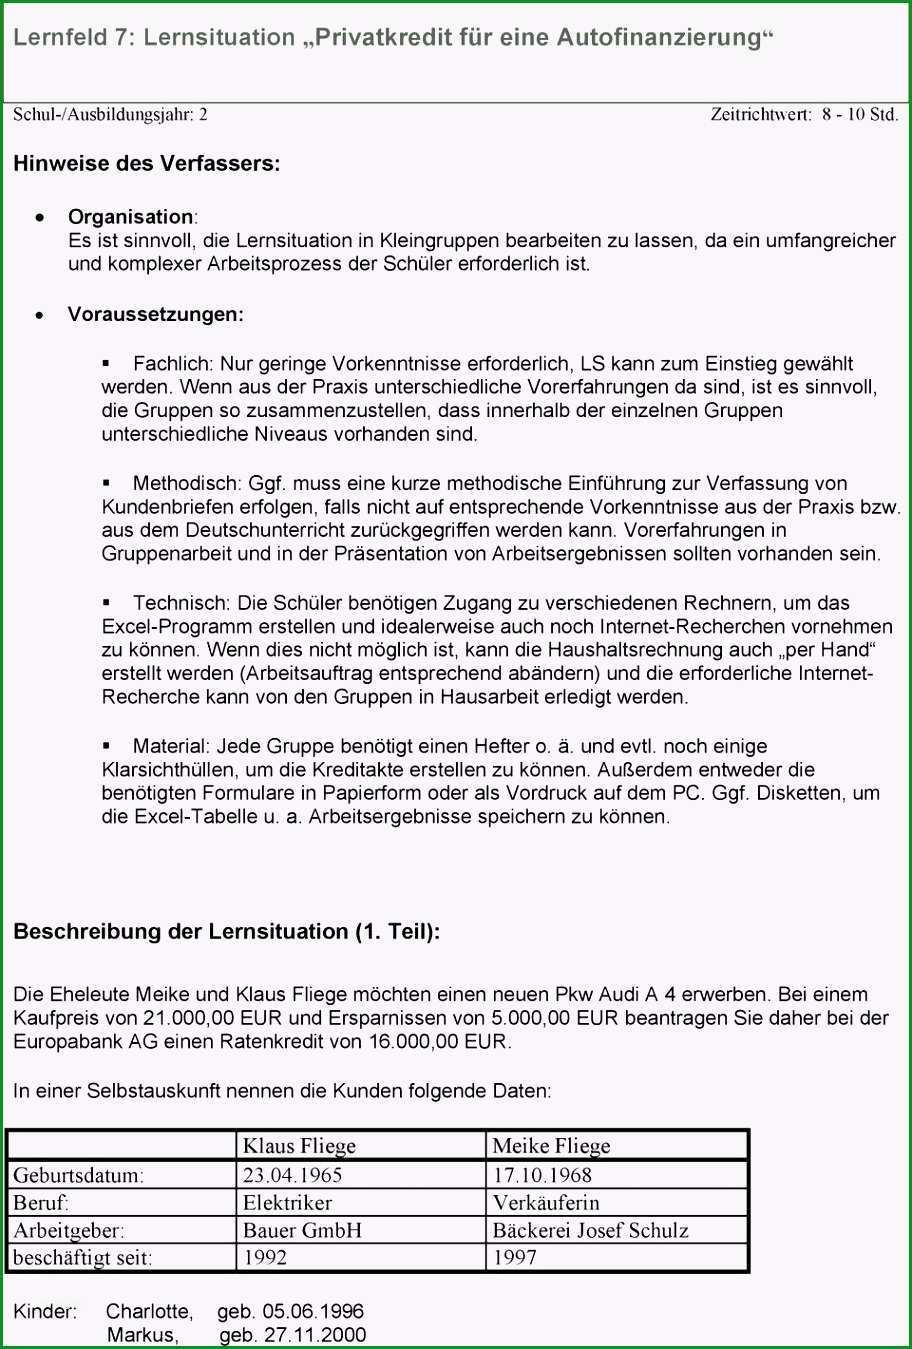 Hervorragen 18 Privatkreditvertrag Vorlage Vorlagen123 Vorlagen123